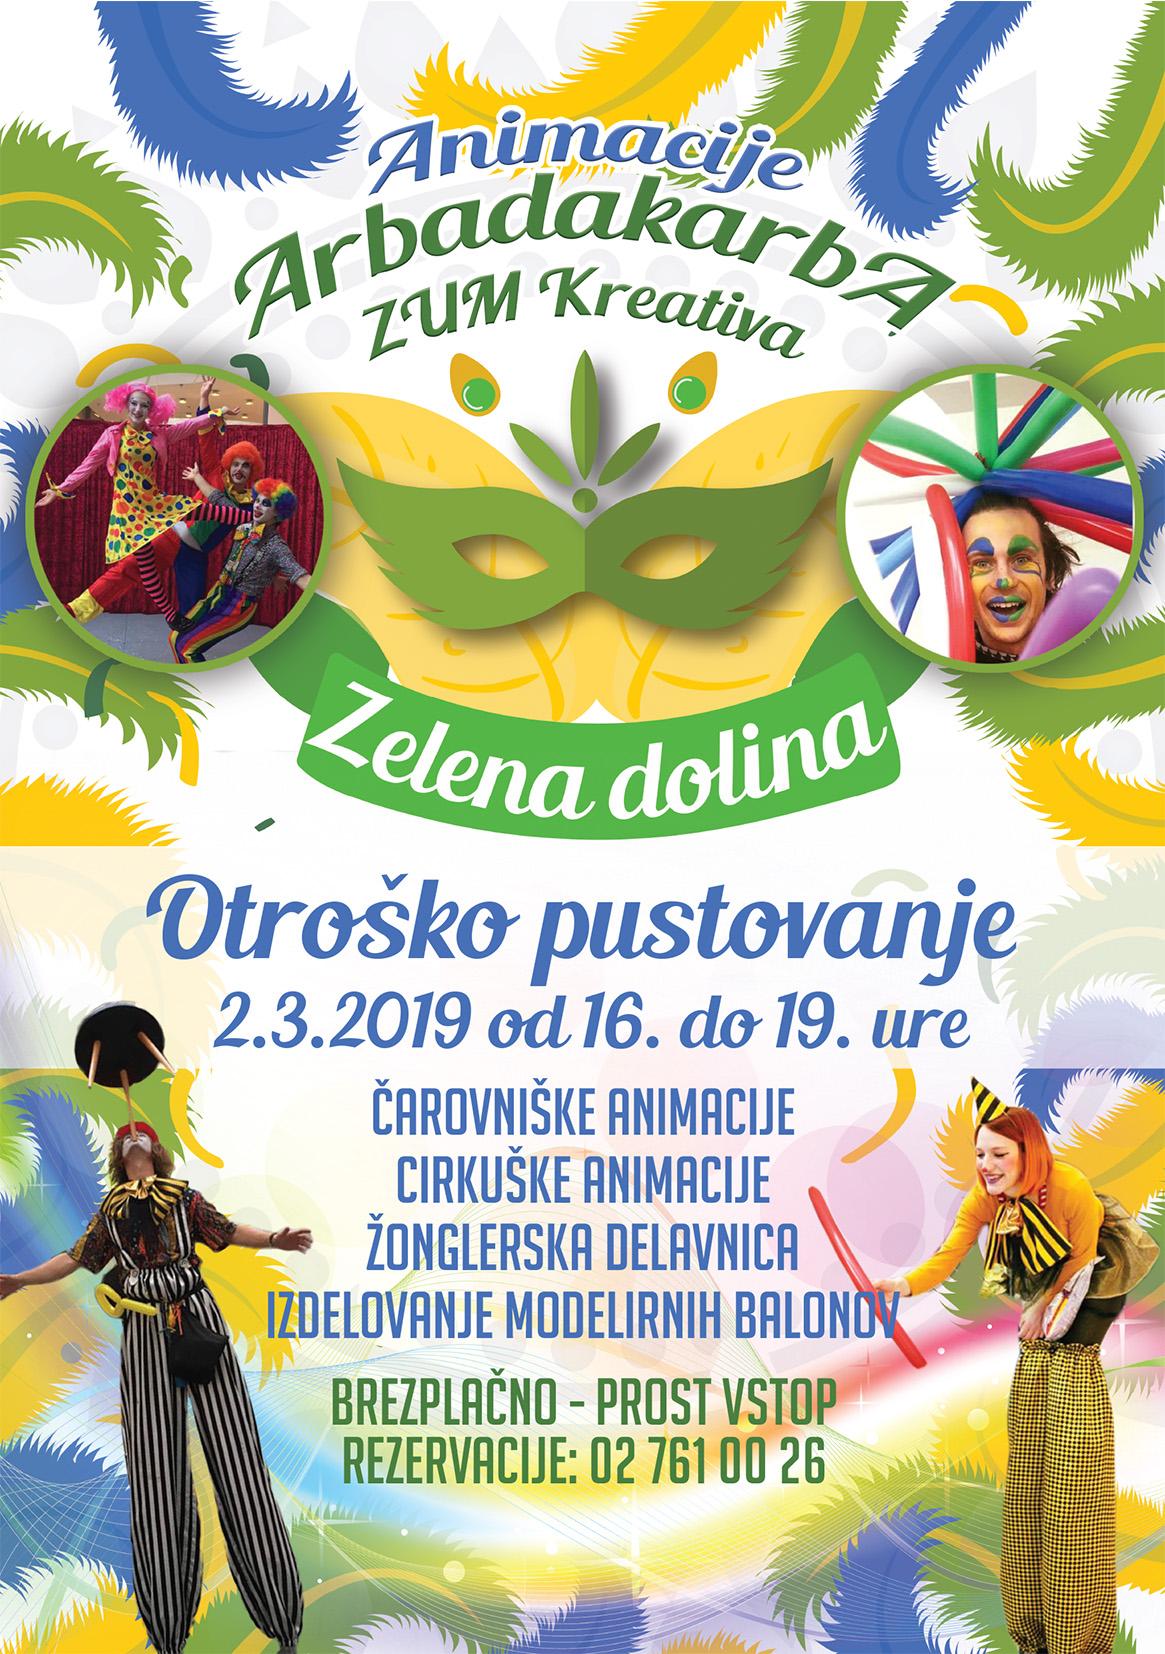 otrosko-pustovanje-2019